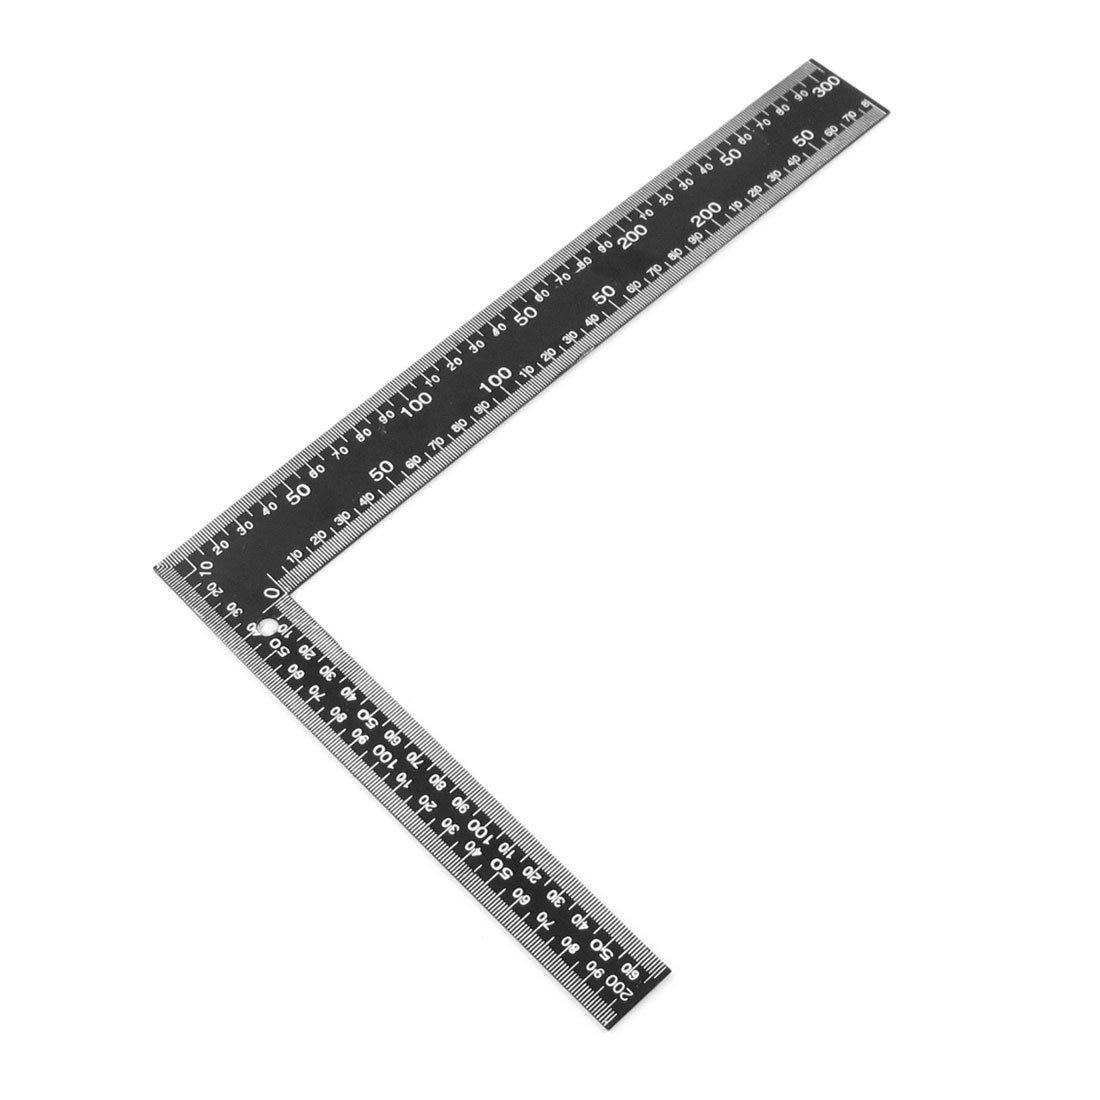 Sosw Teacher 0 30cm 0 20cm Measuring Range L Shaped Design Square Ruler Black In Rulers From